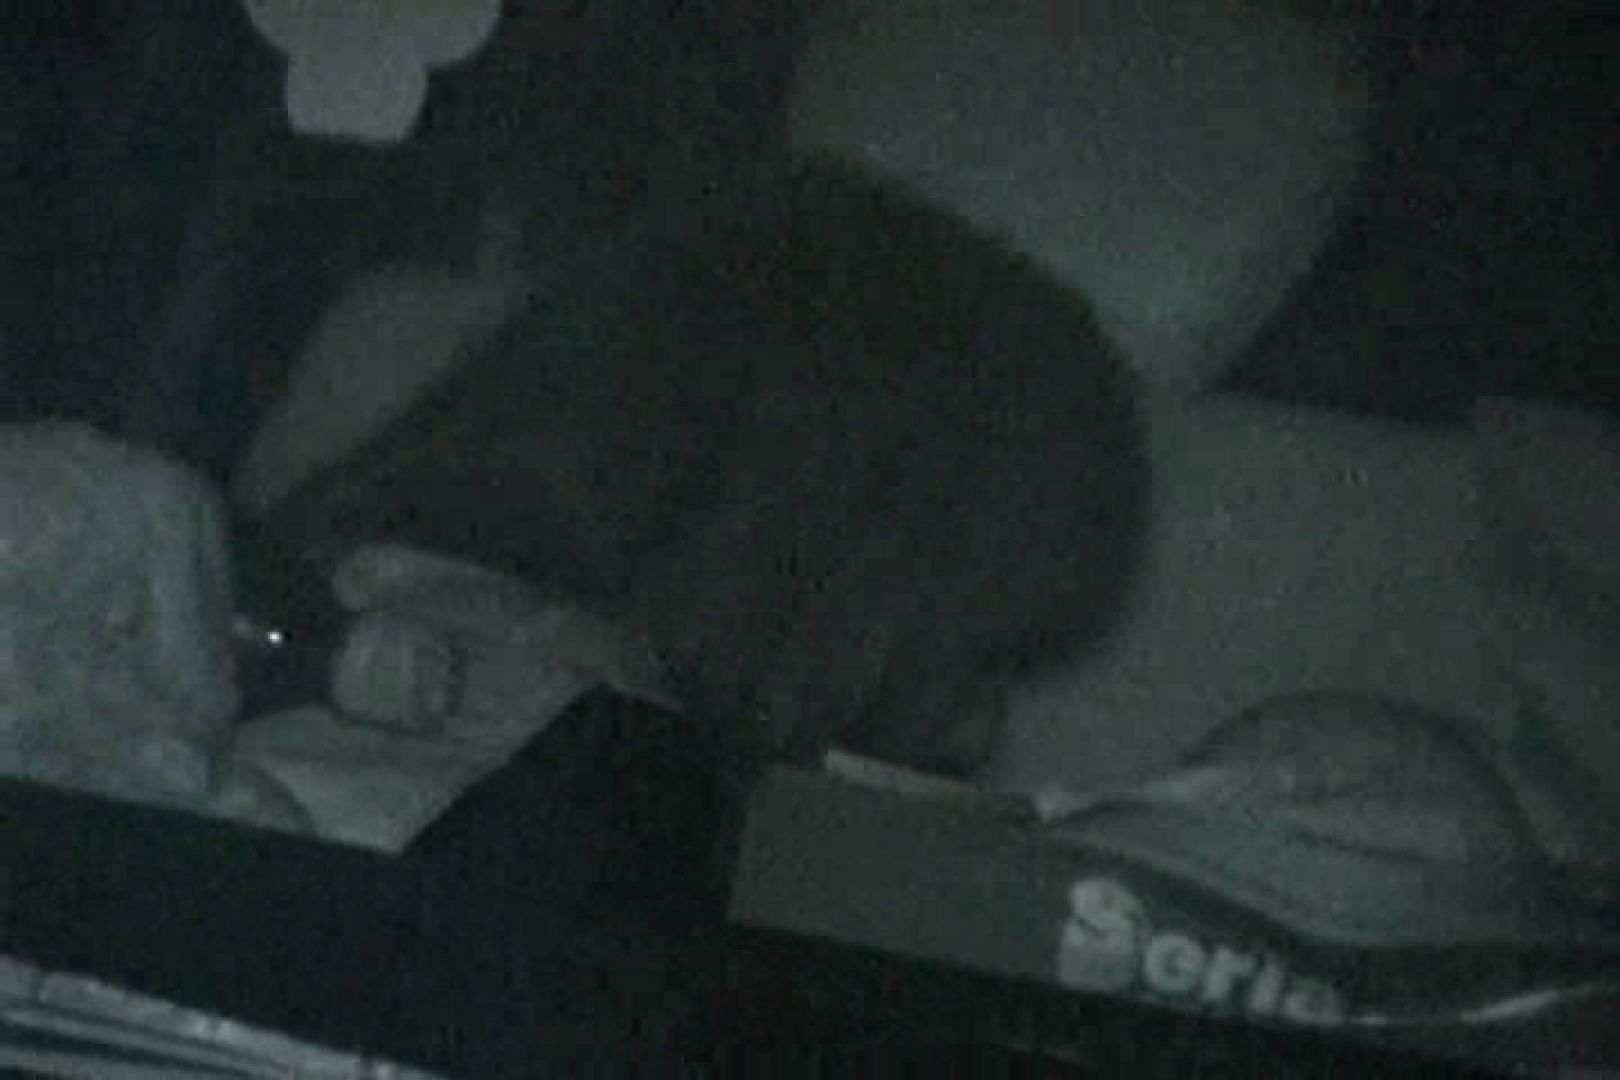 充血監督の深夜の運動会Vol.133 エッチなセックス | カップル盗撮  91画像 61